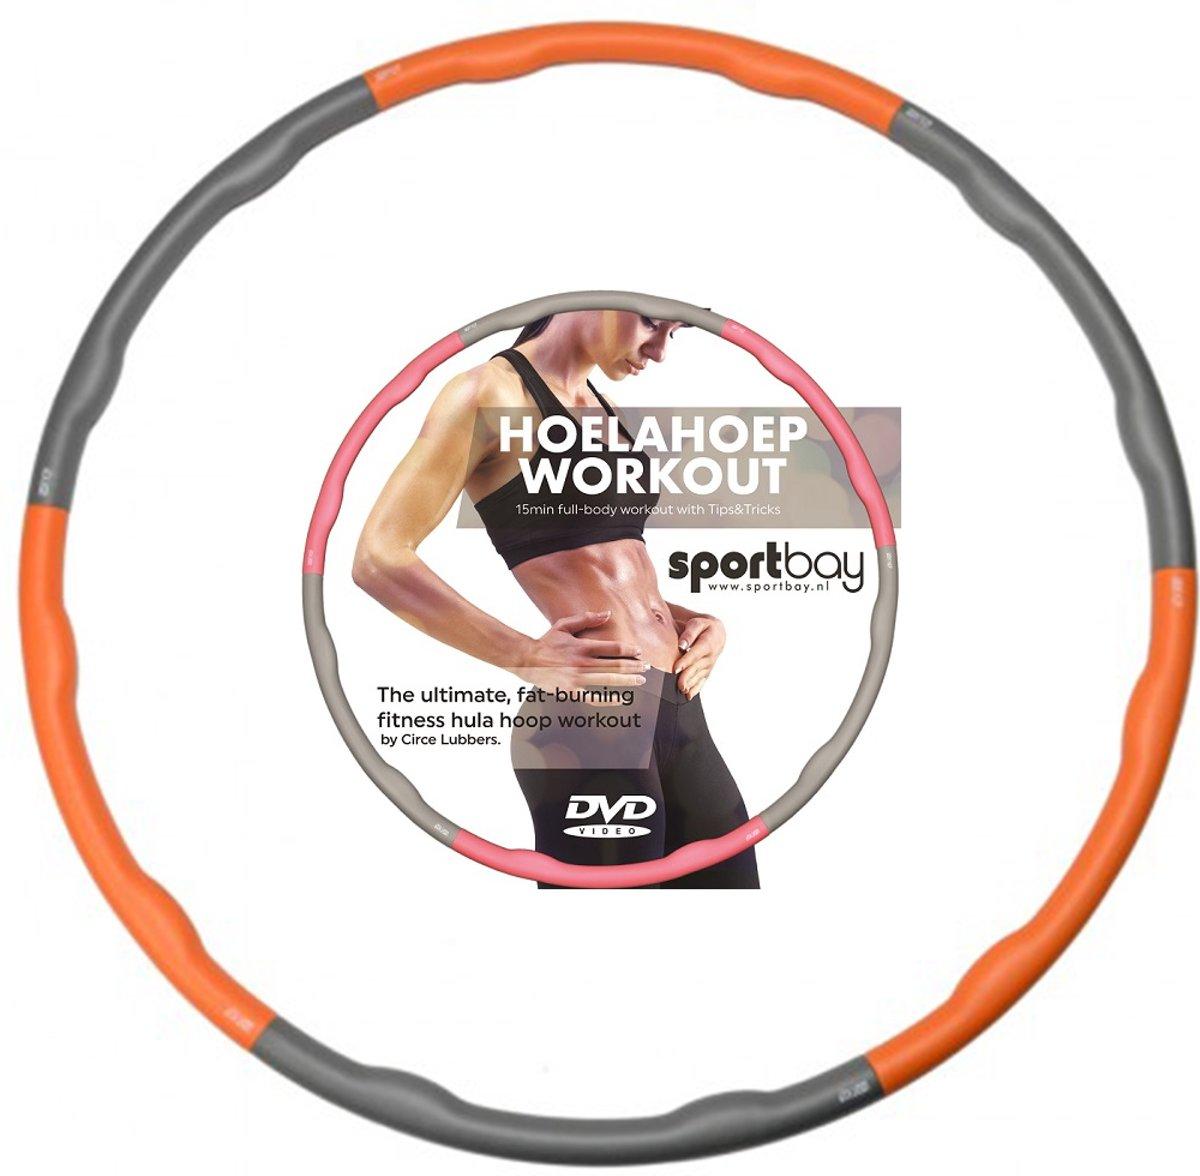 Hoelahoep 1.5 kg + Workout DVD oranje/grijs kopen